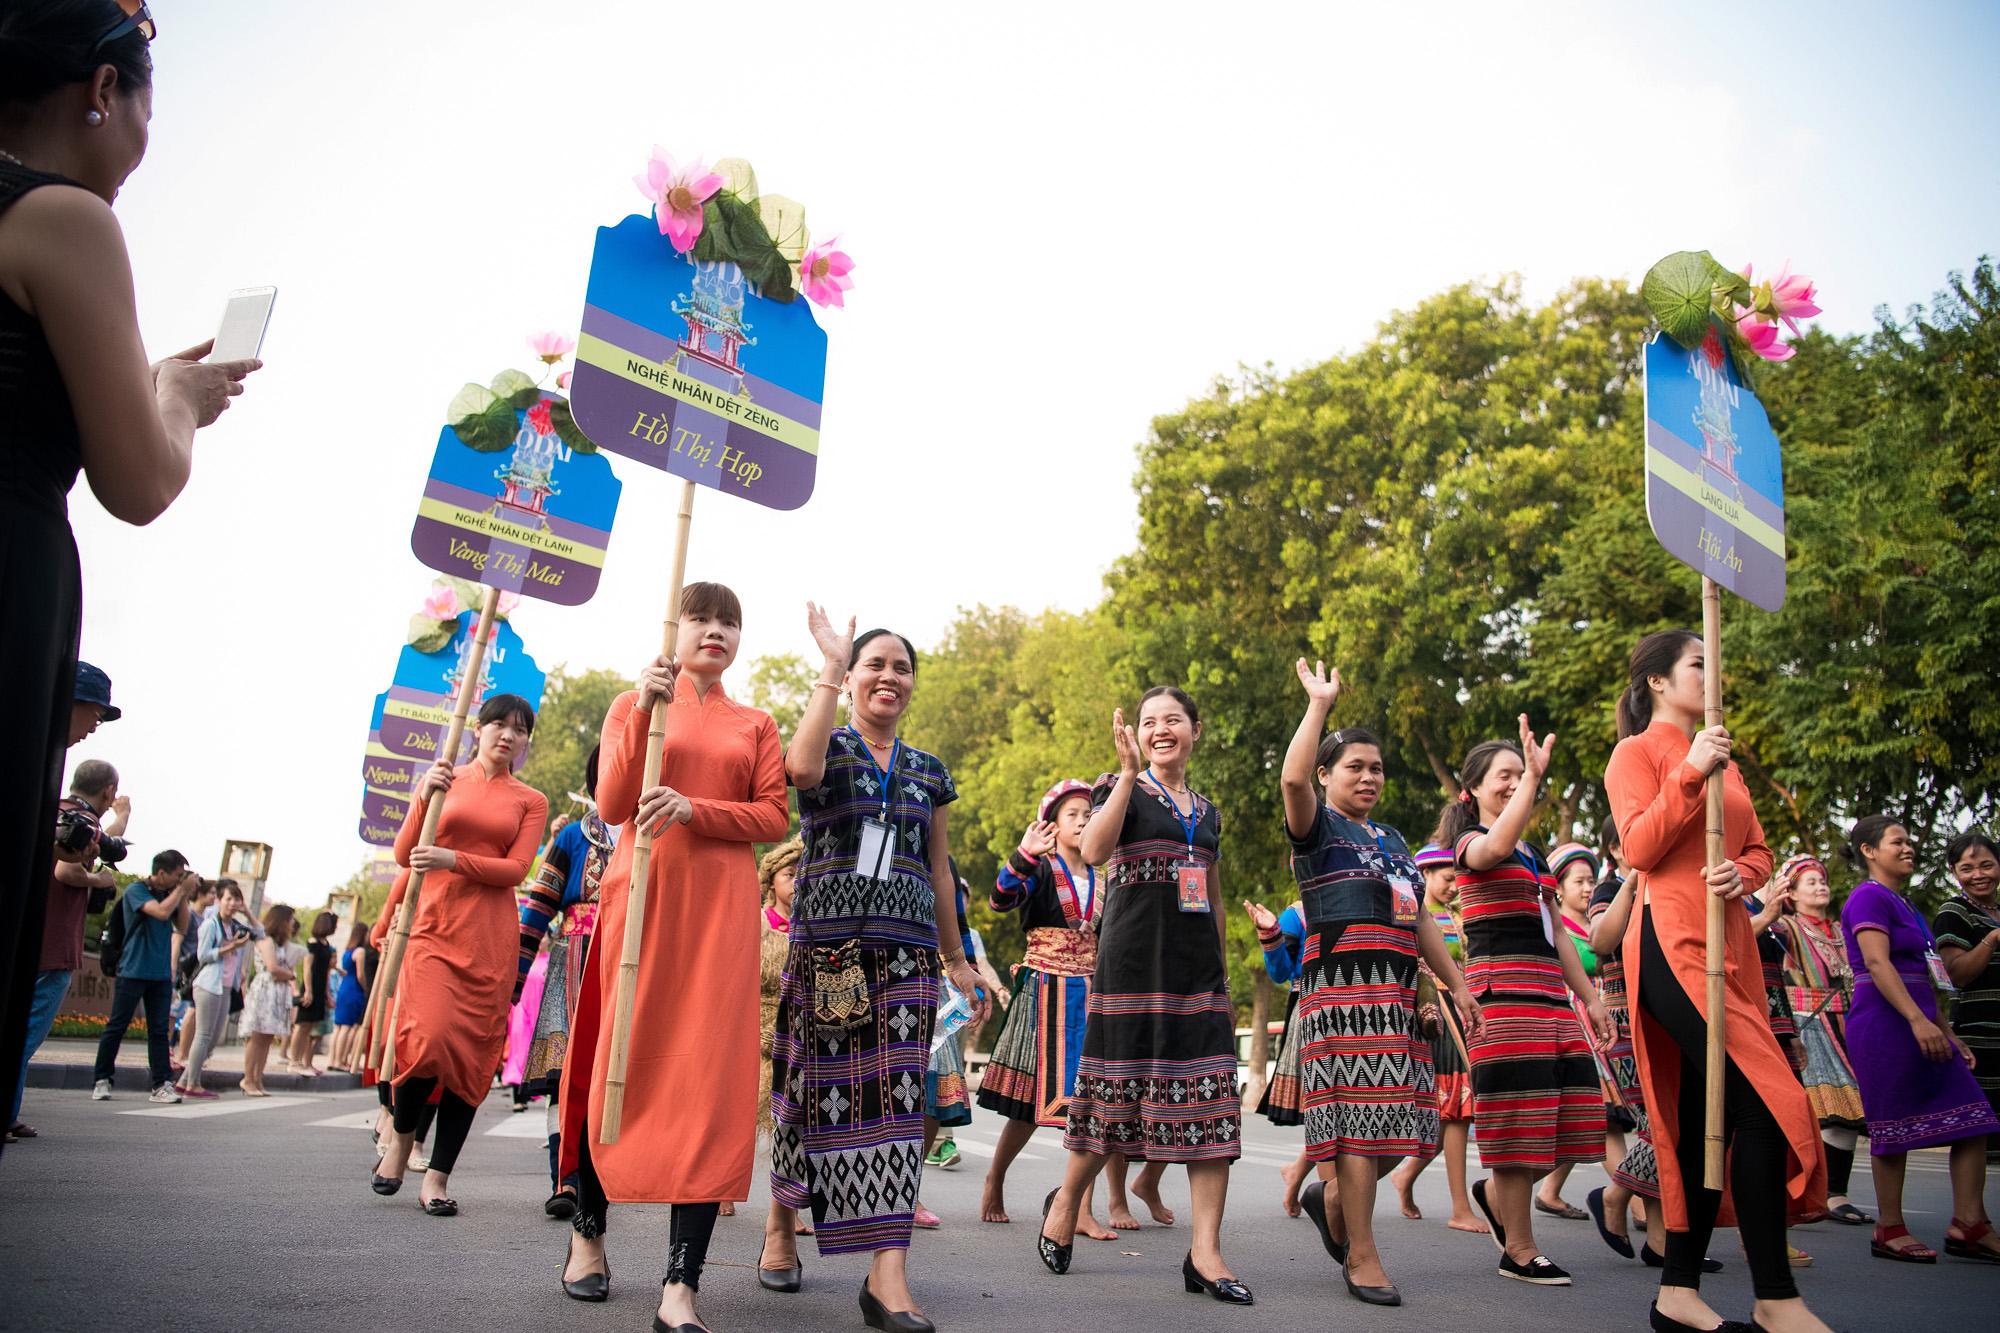 Festival áo dài ngày cuối - Người đẹp mặc áo dài đi diễu hành qua phố 13